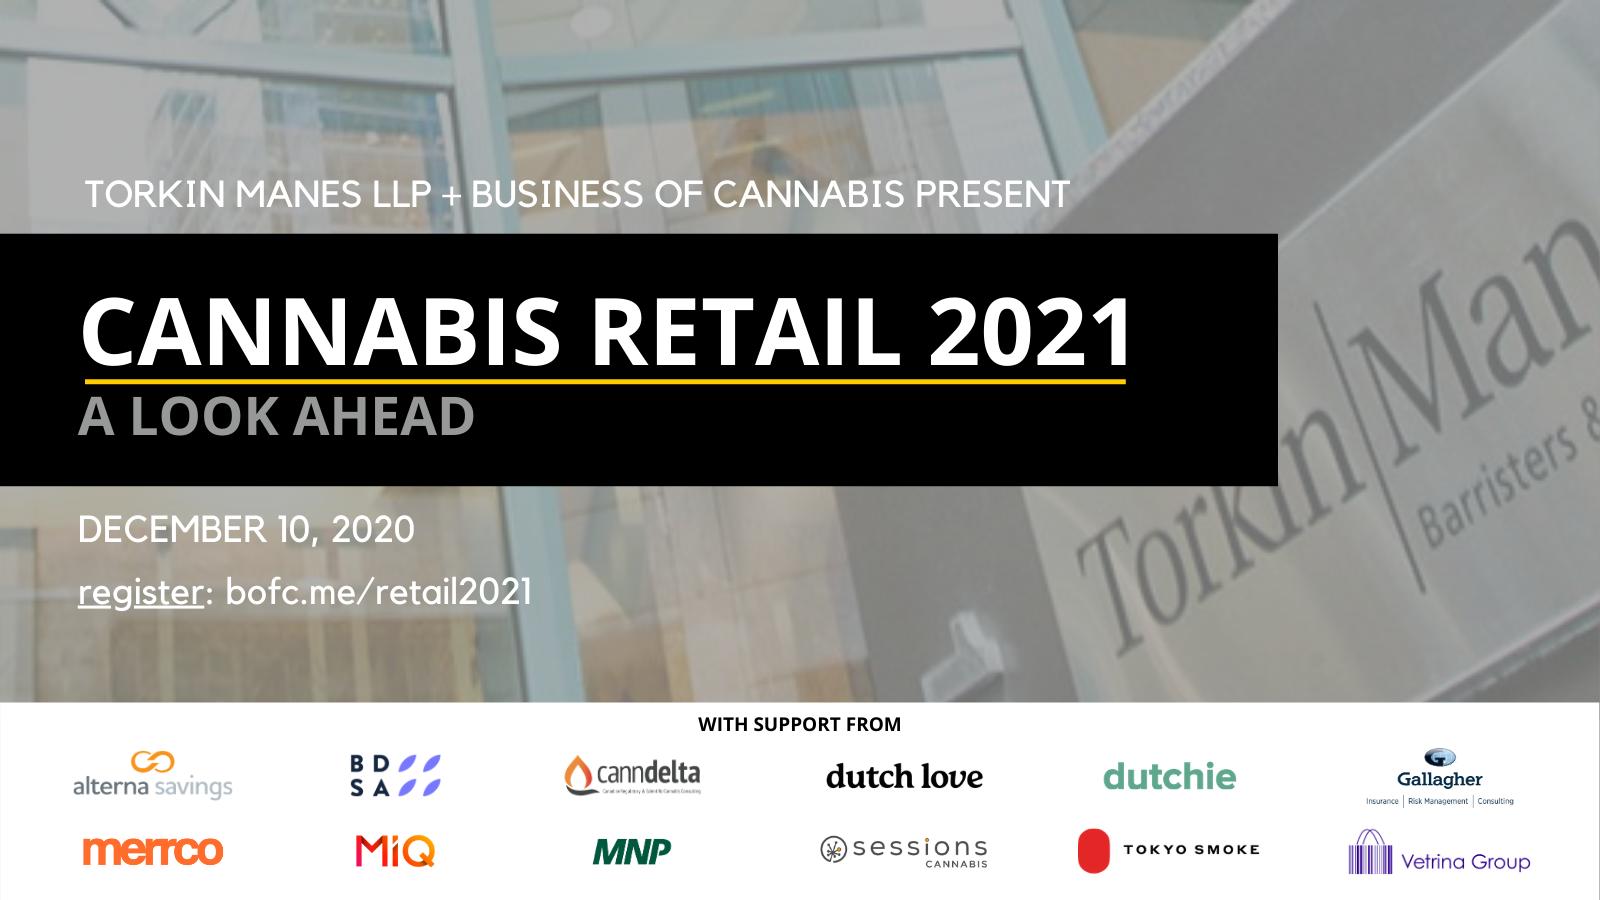 Cannabis Retail 2021